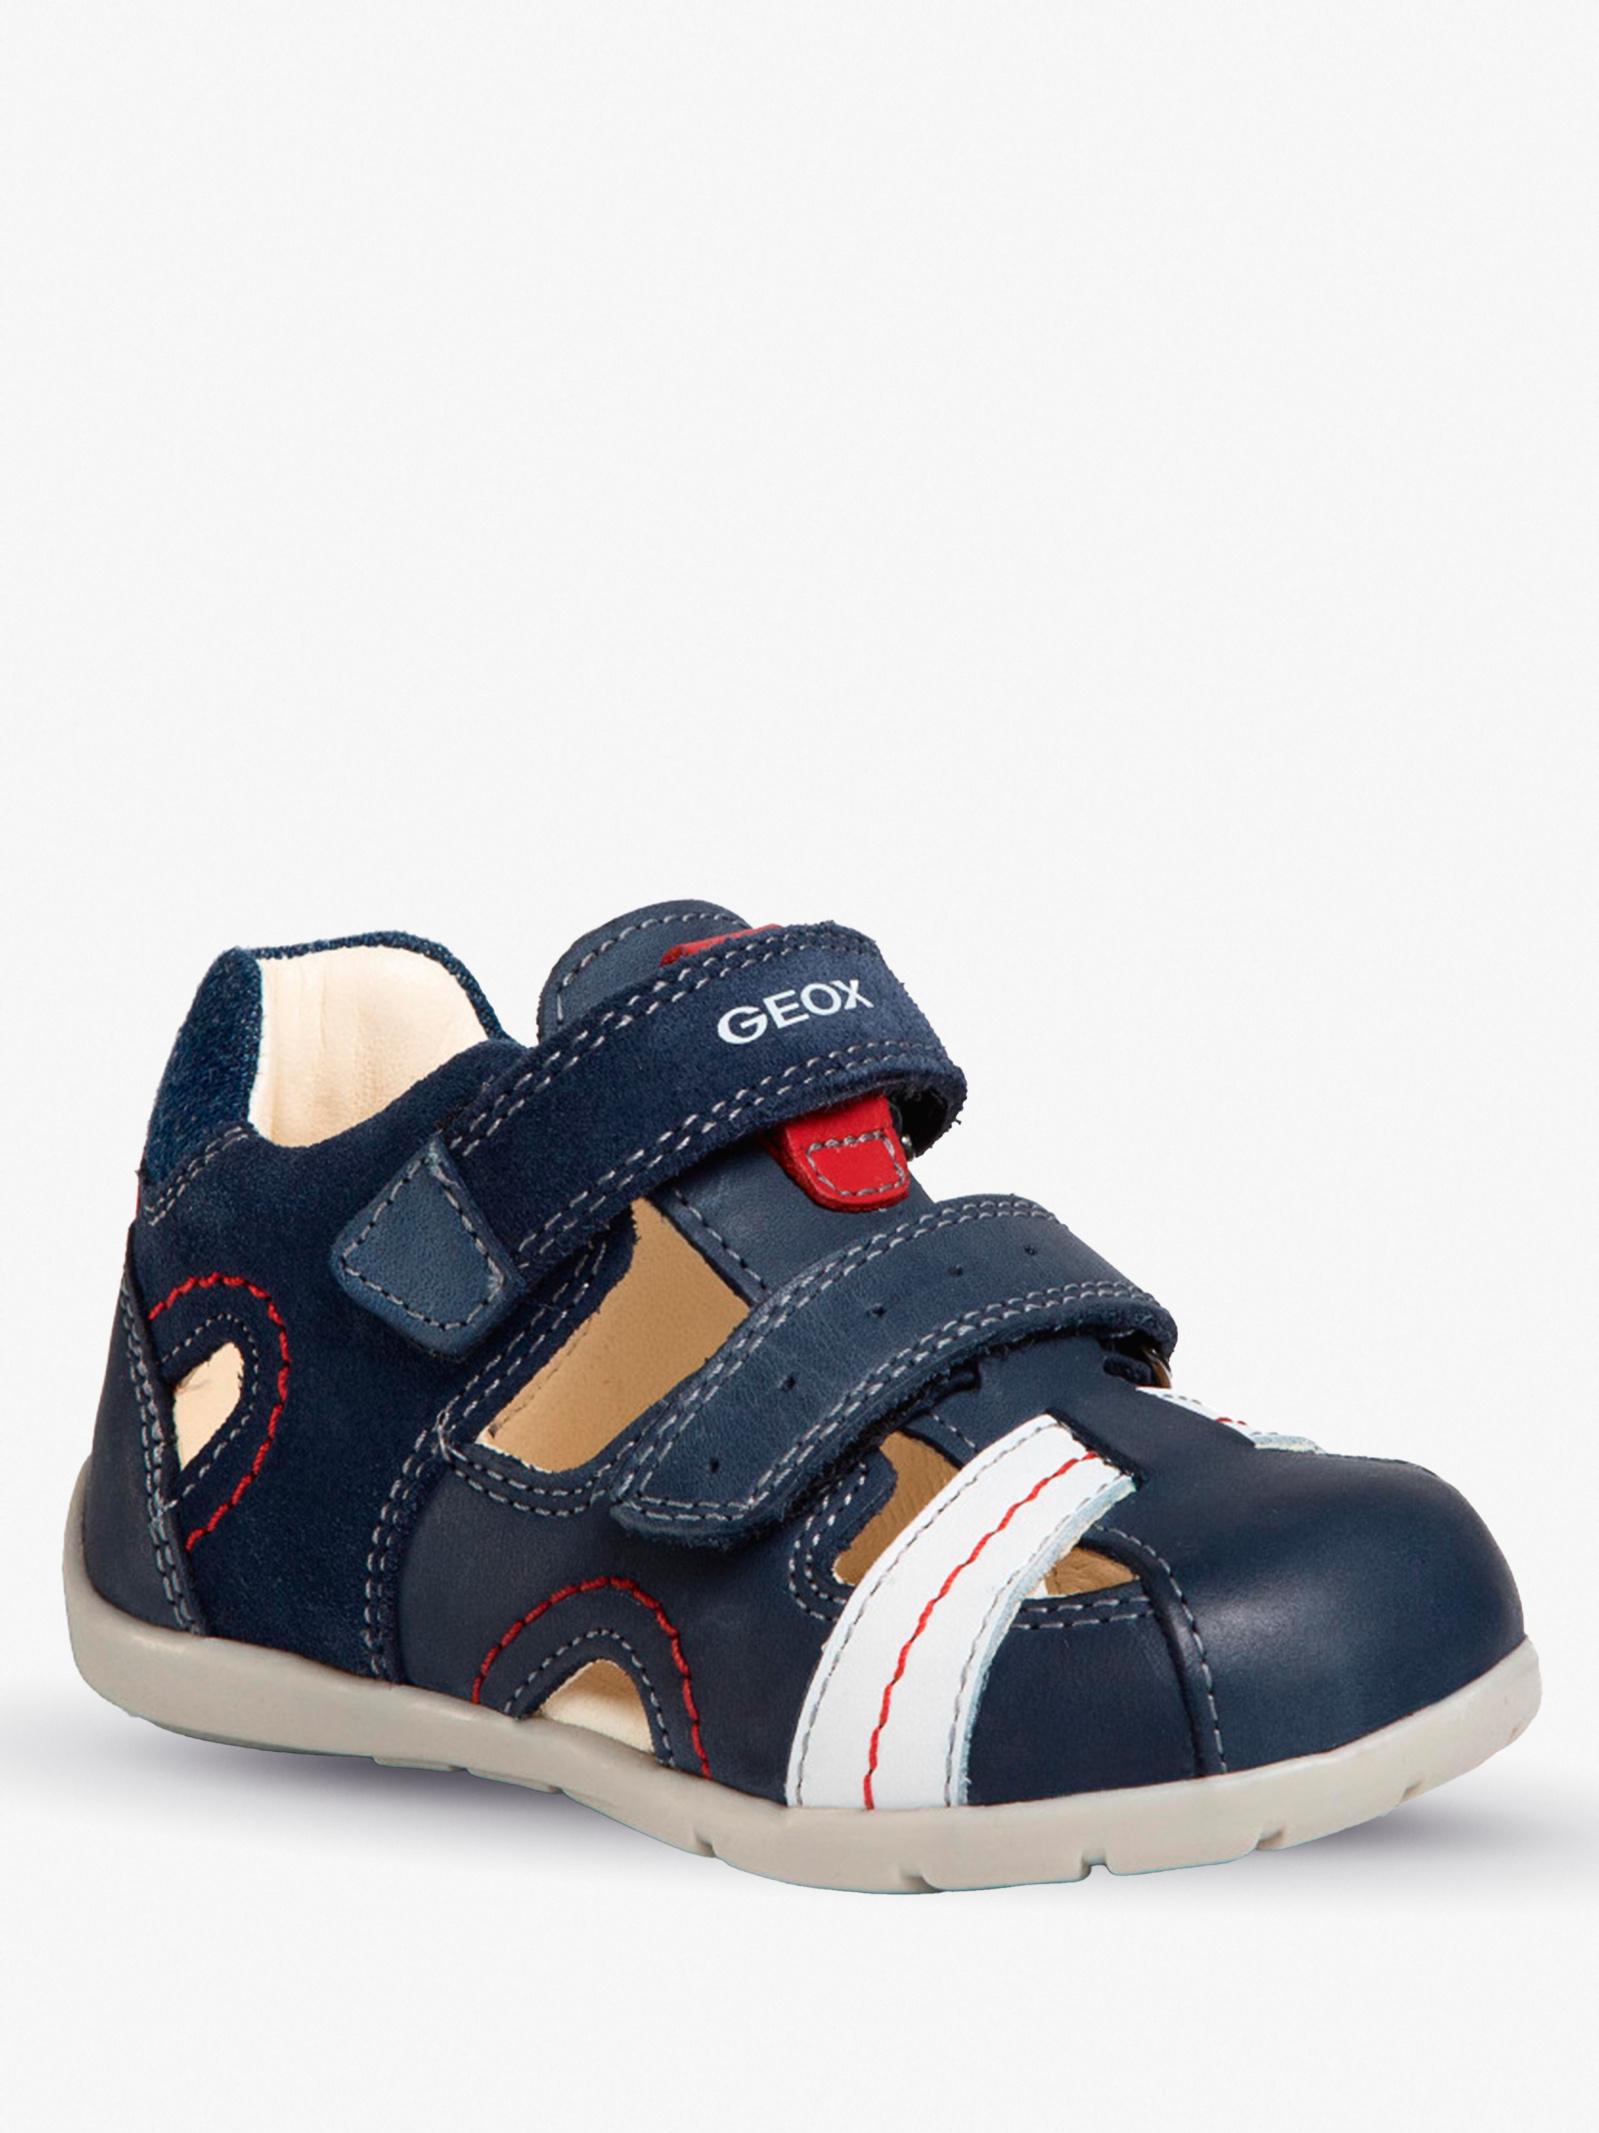 Сандалии для детей Geox B KAYTAN B0250A-0CL22-C4002 брендовая обувь, 2017